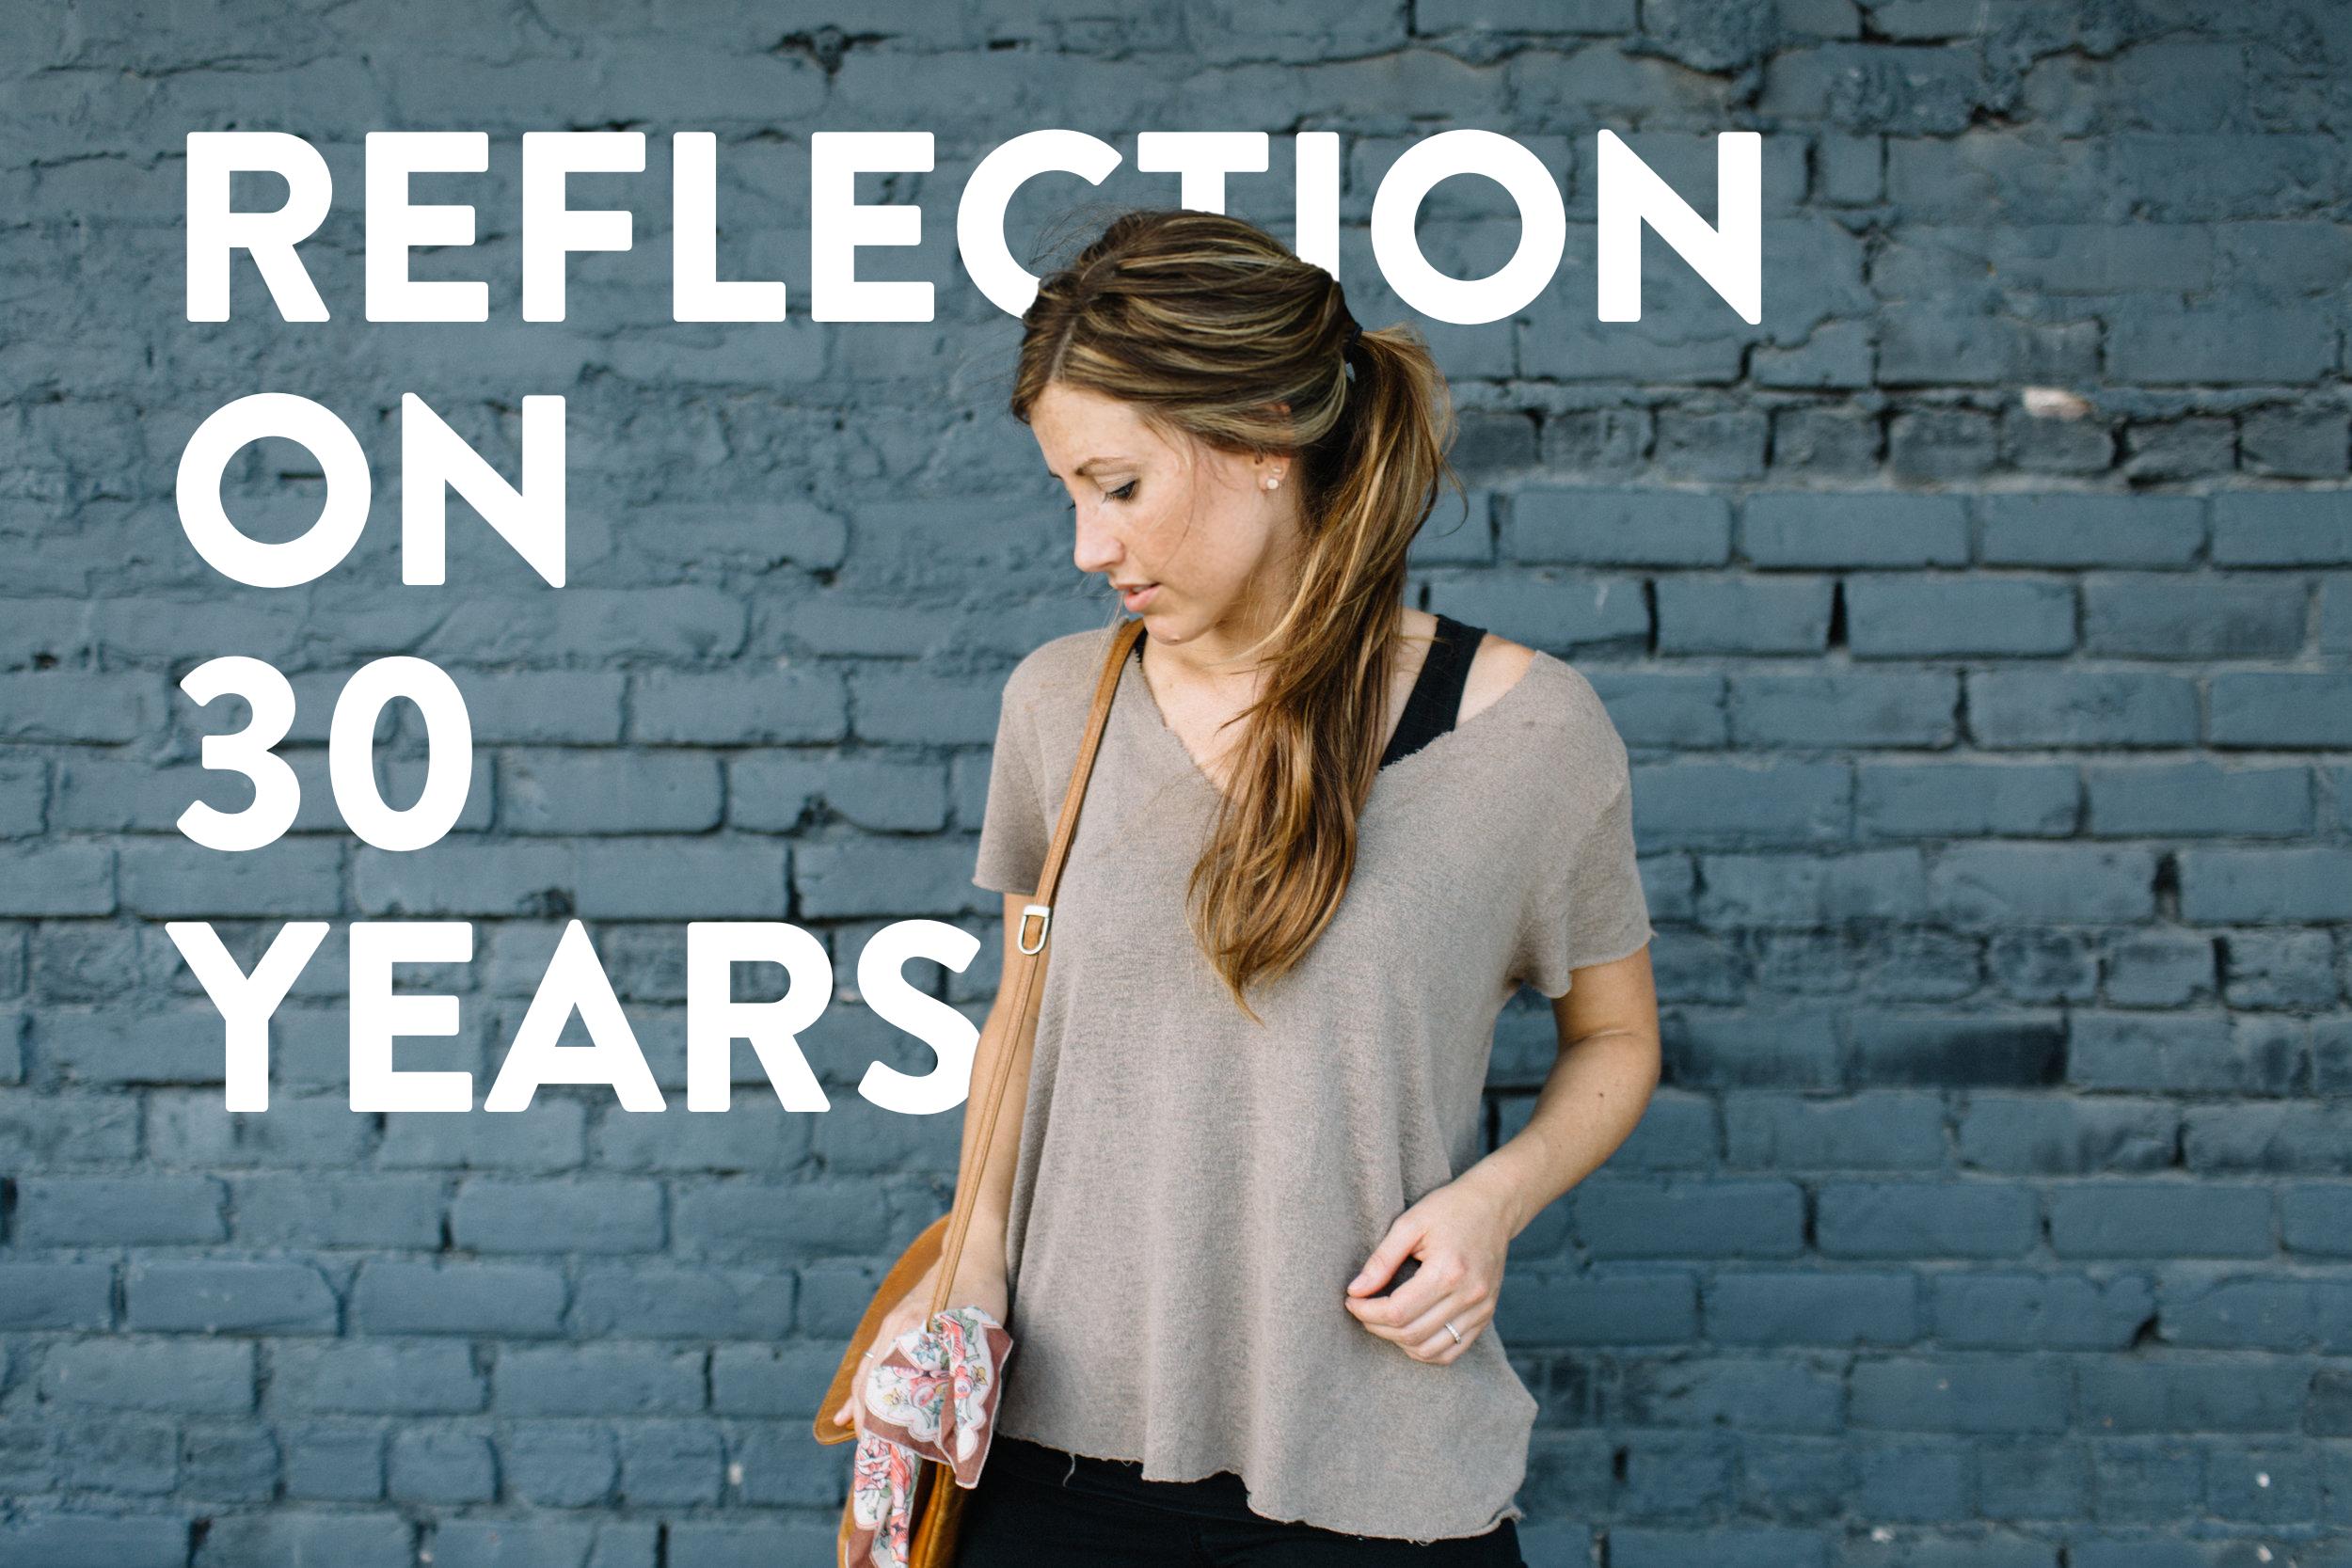 A REFLECTION ON 30 YEAR (Via JacinthaPayne.com)